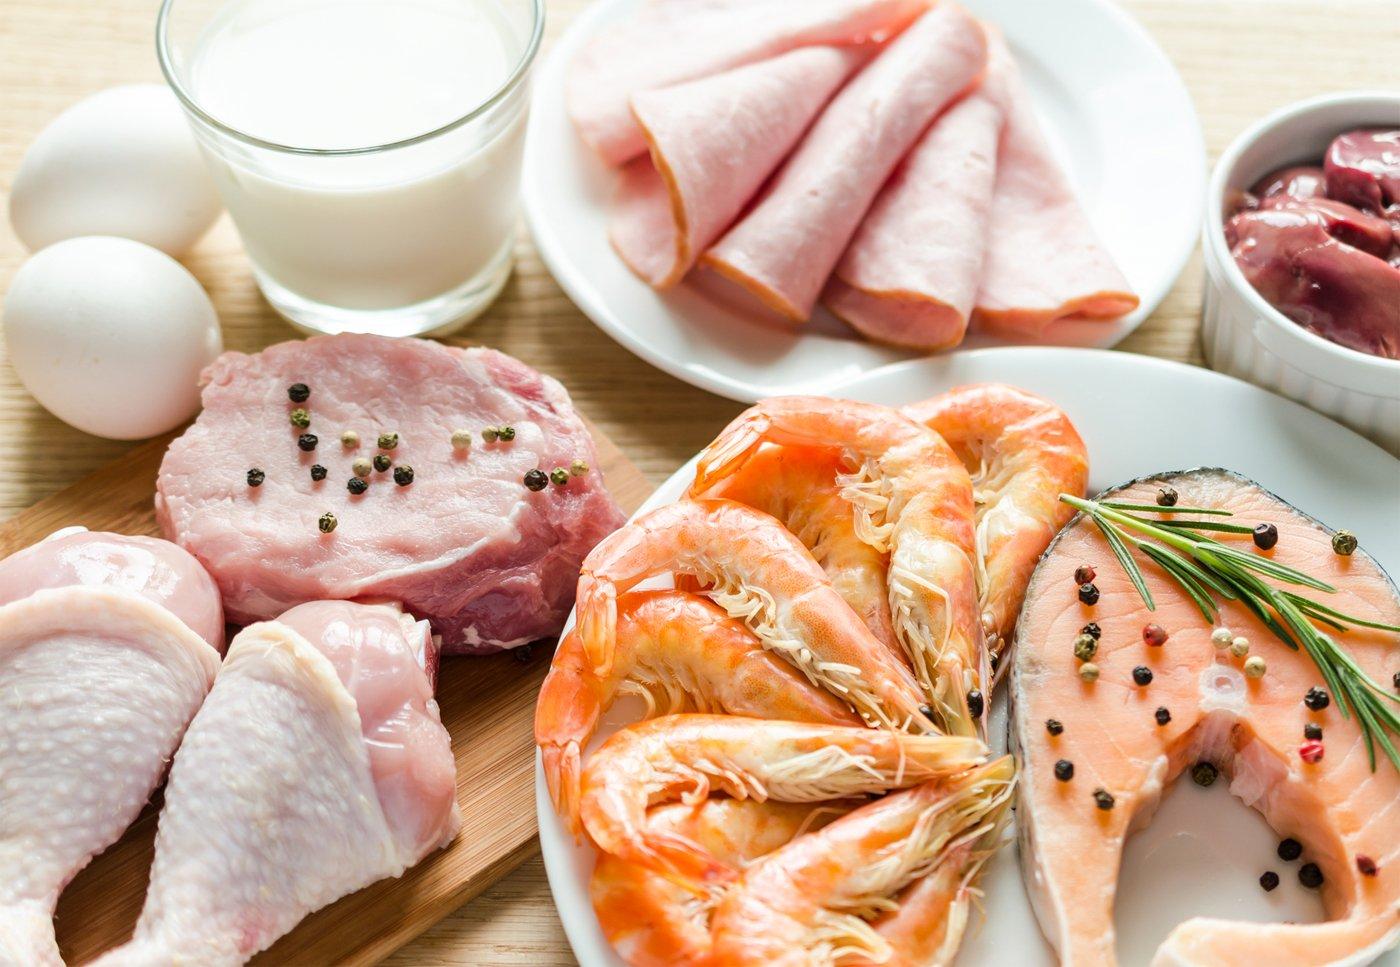 Белковая Диета Это Что. Белковая диета для похудения: меню с рецептами на неделю